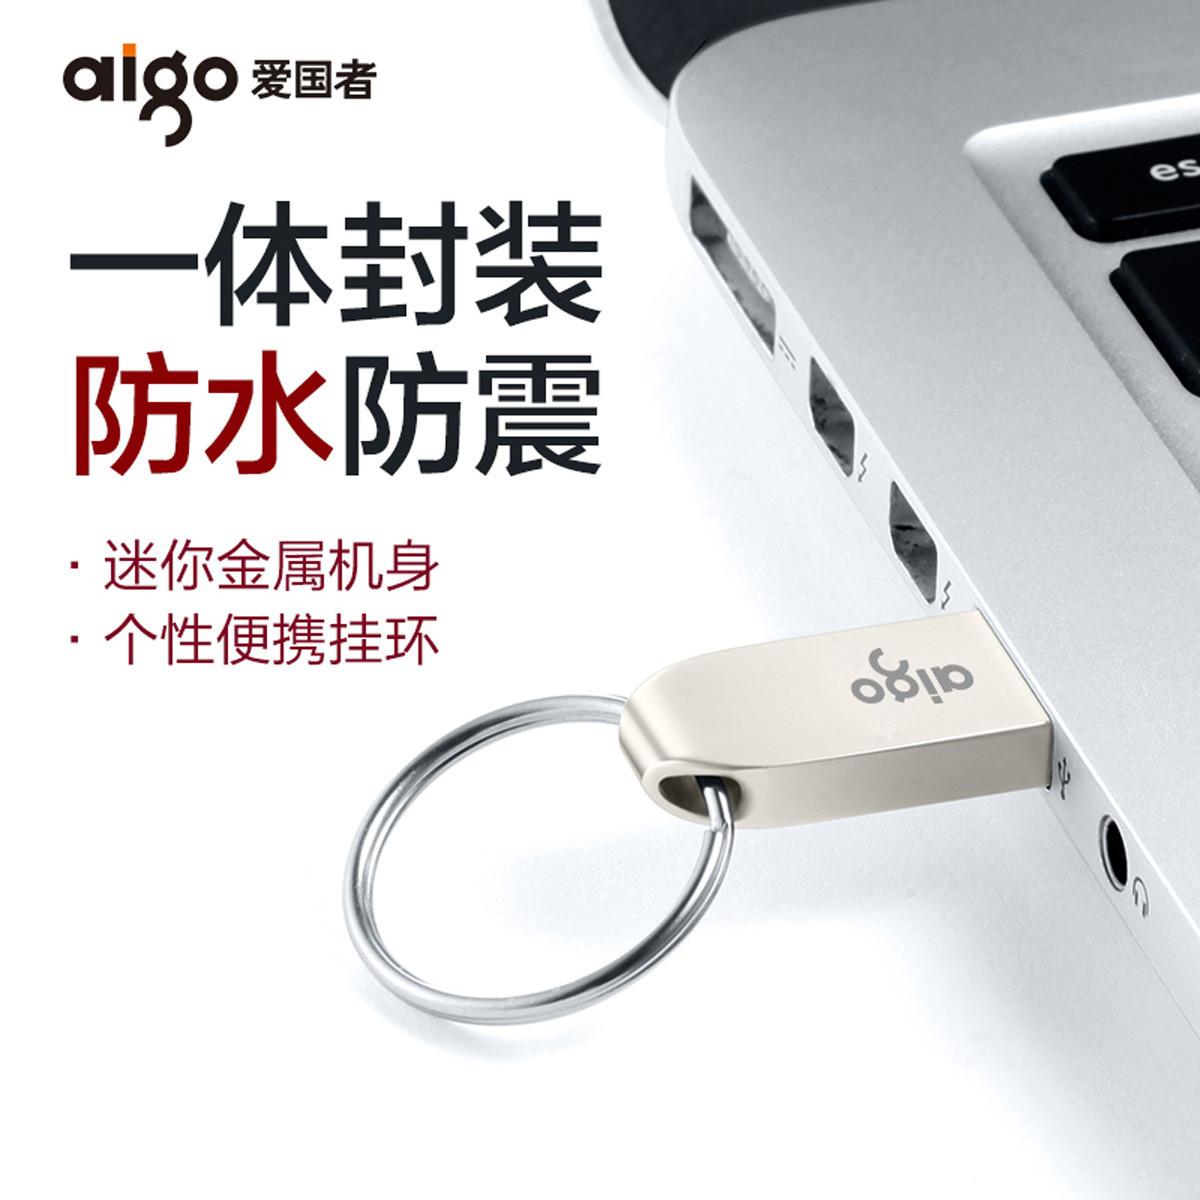 爱国者 USB2.0迷你款U盘 金属学生防水车载U盘 32G